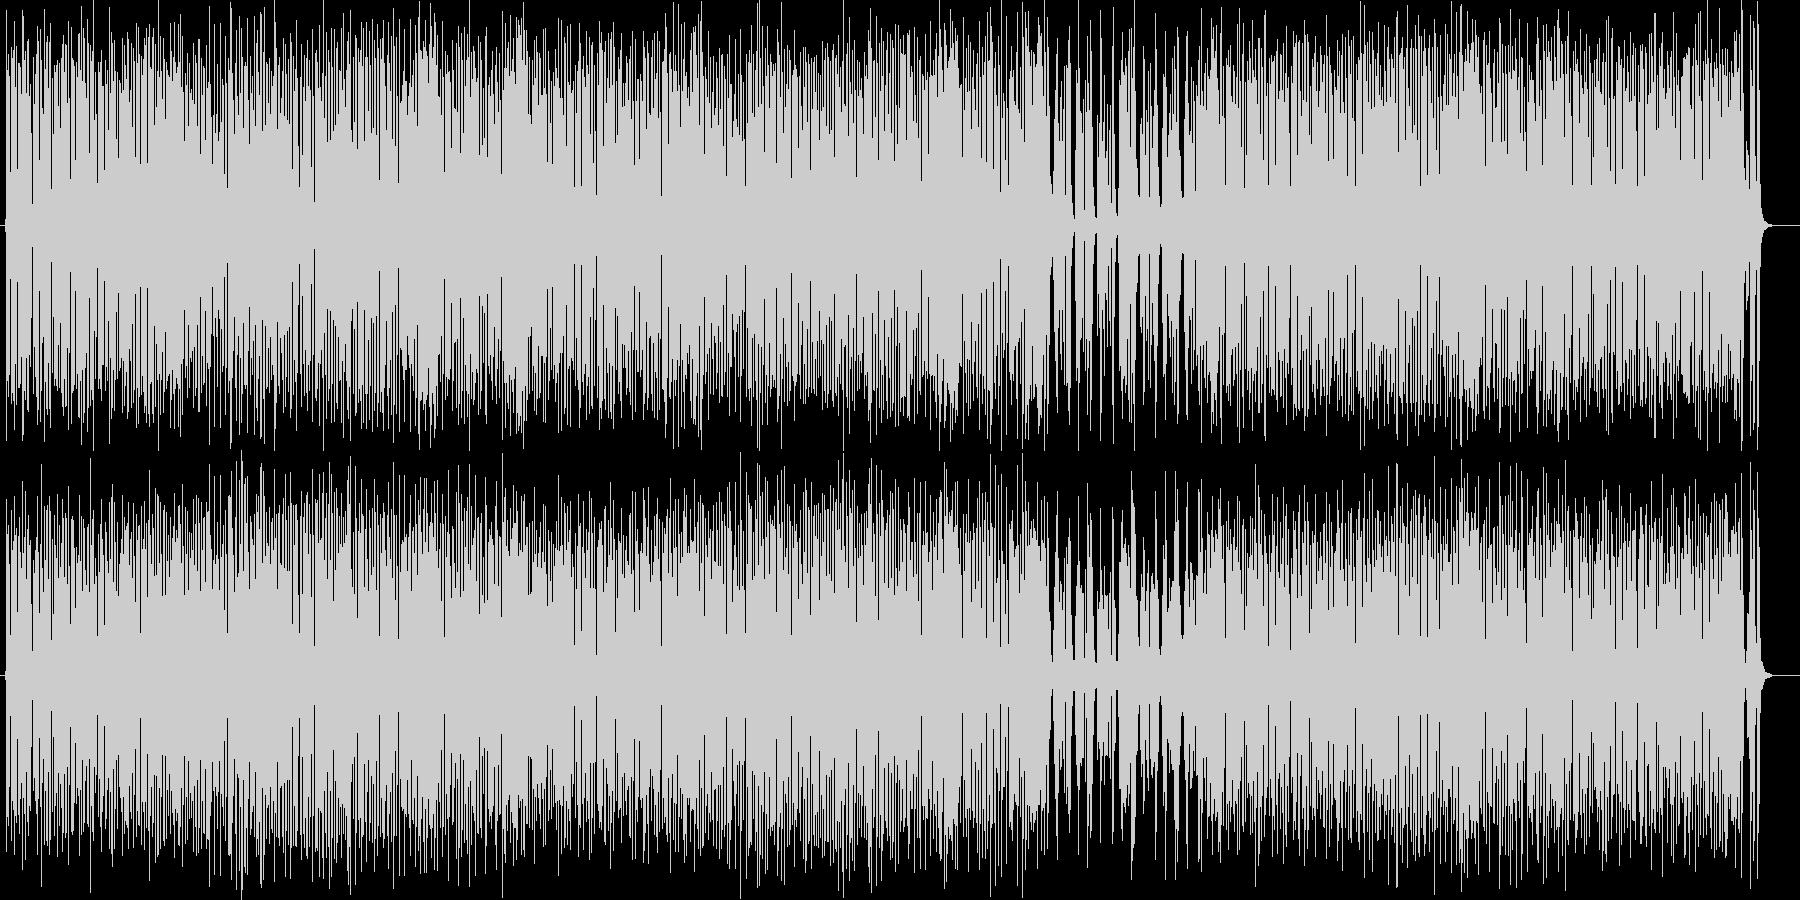 トランペットのキャッチーで楽しい弾む曲の未再生の波形